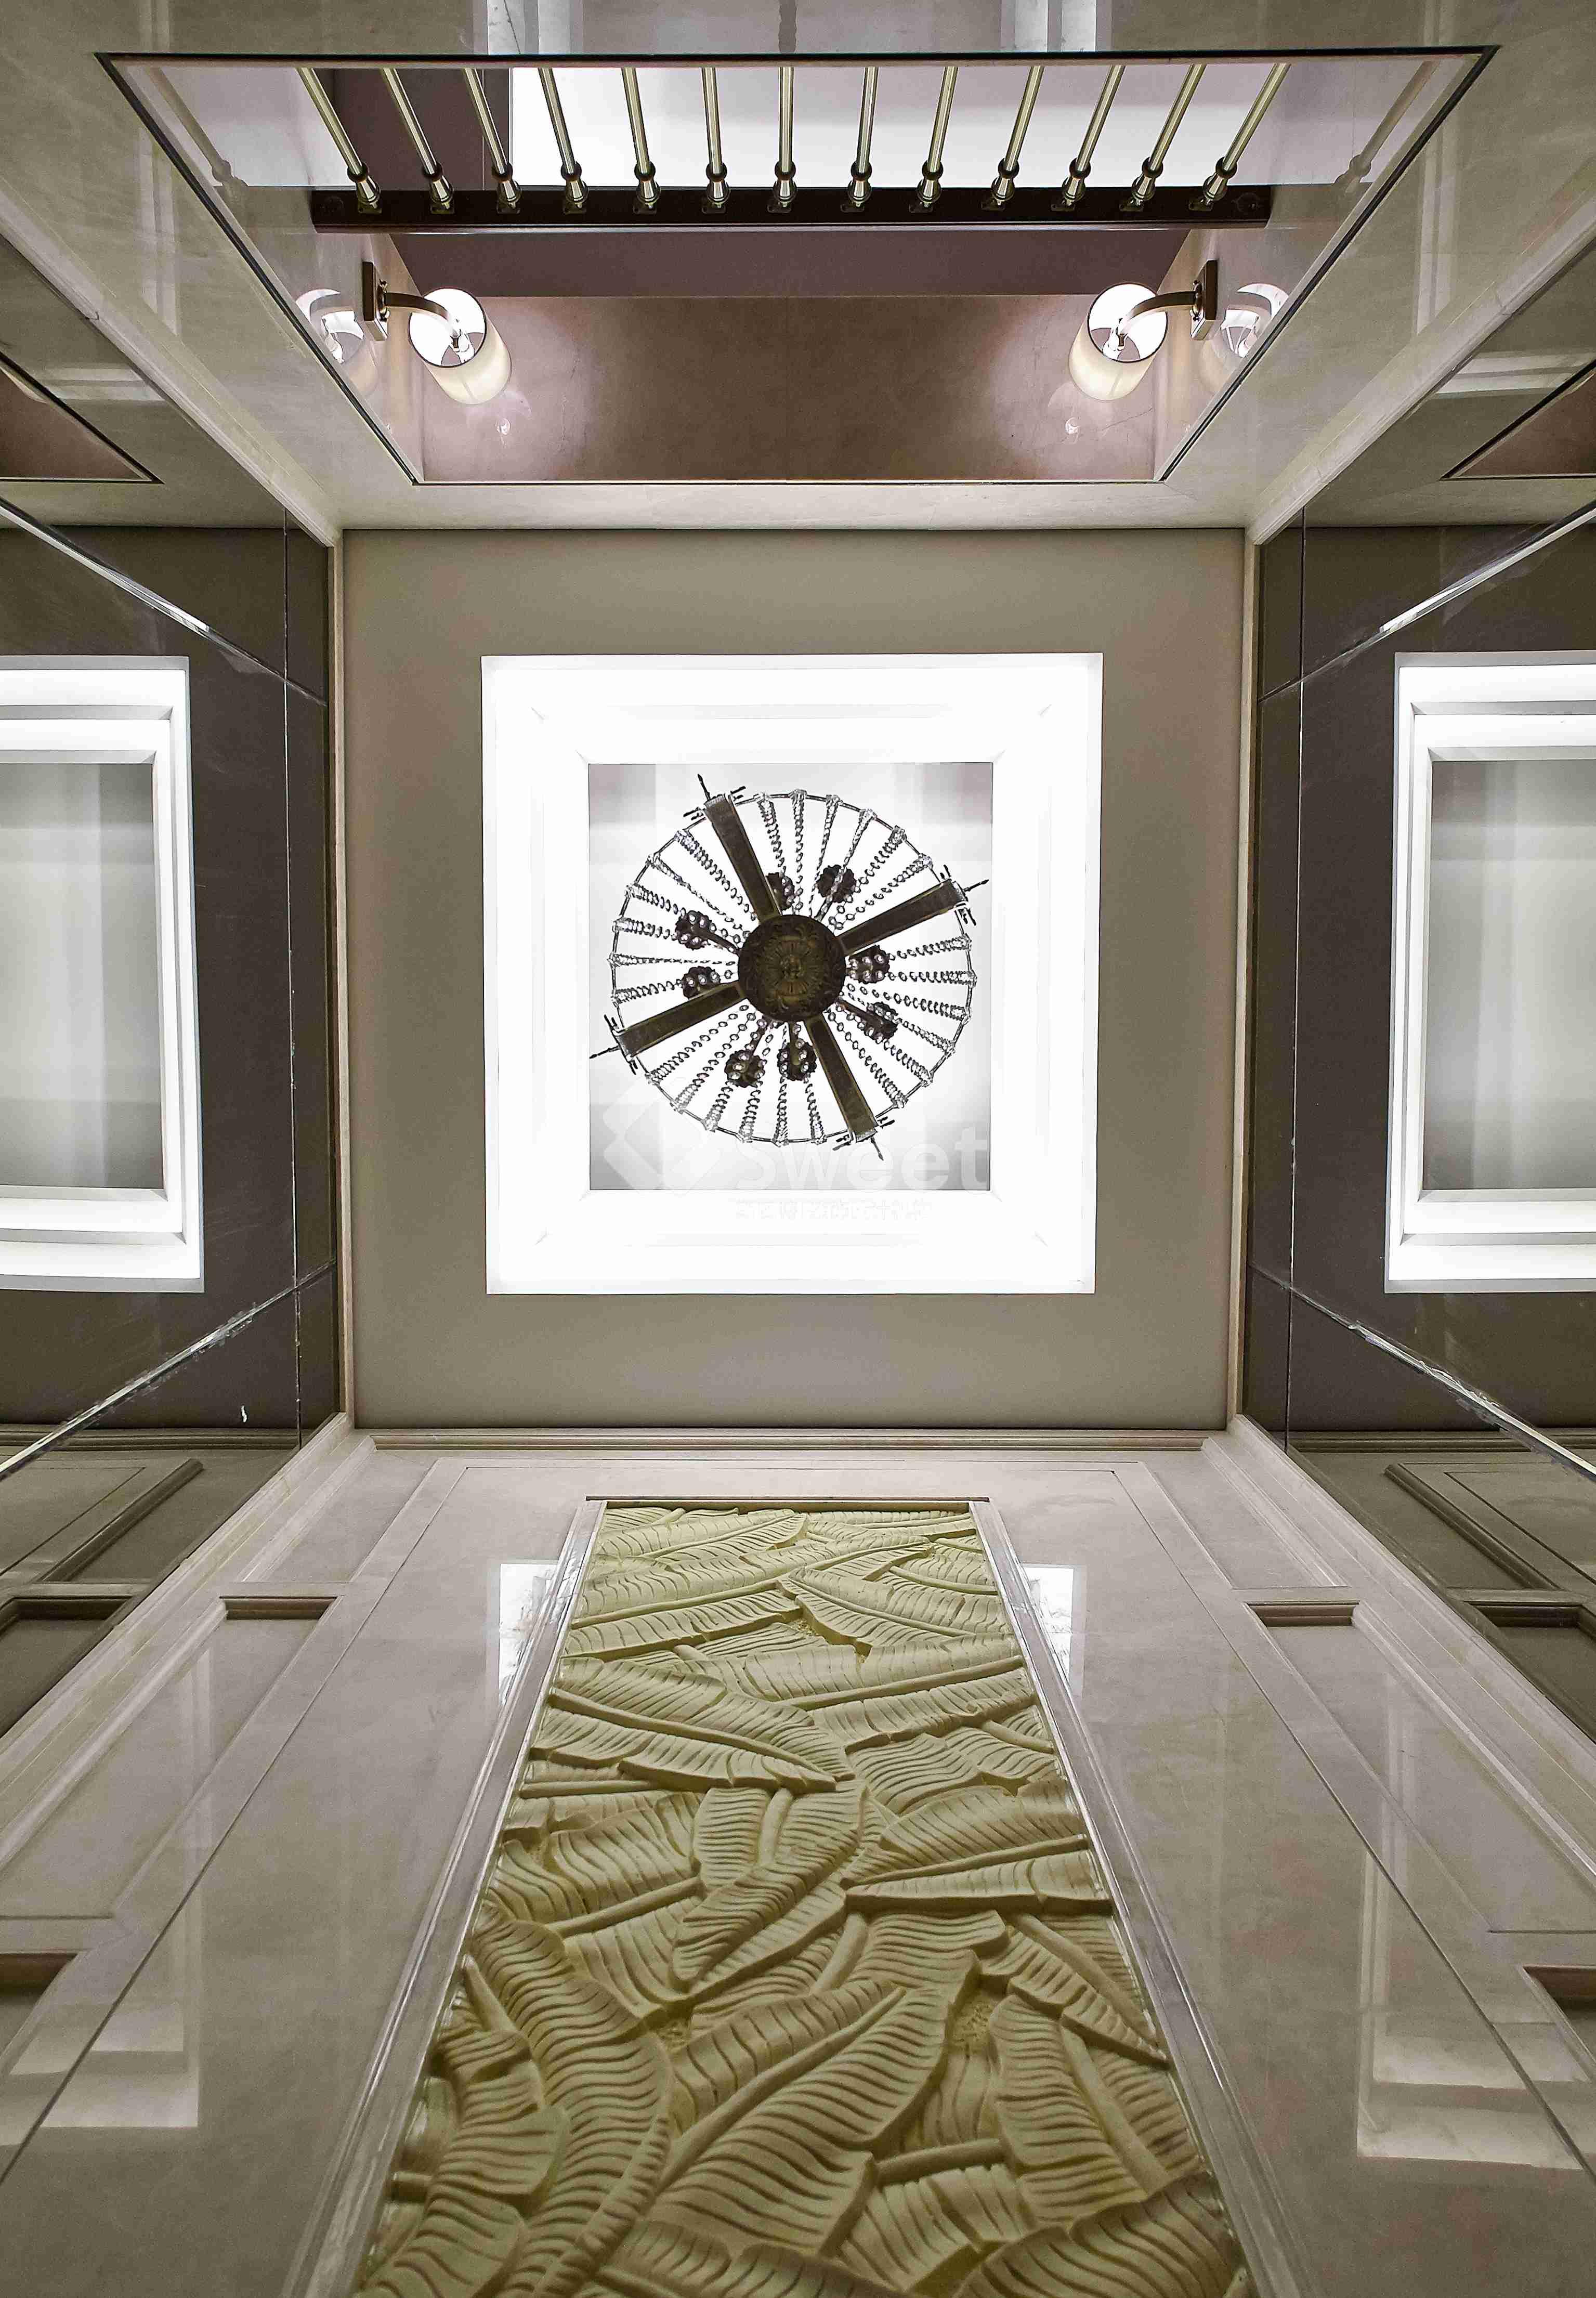 空间富有的钻石绒硬包以及镜面对空间的延伸,让空间的质感细腻的呈现出了别样的奢华度。